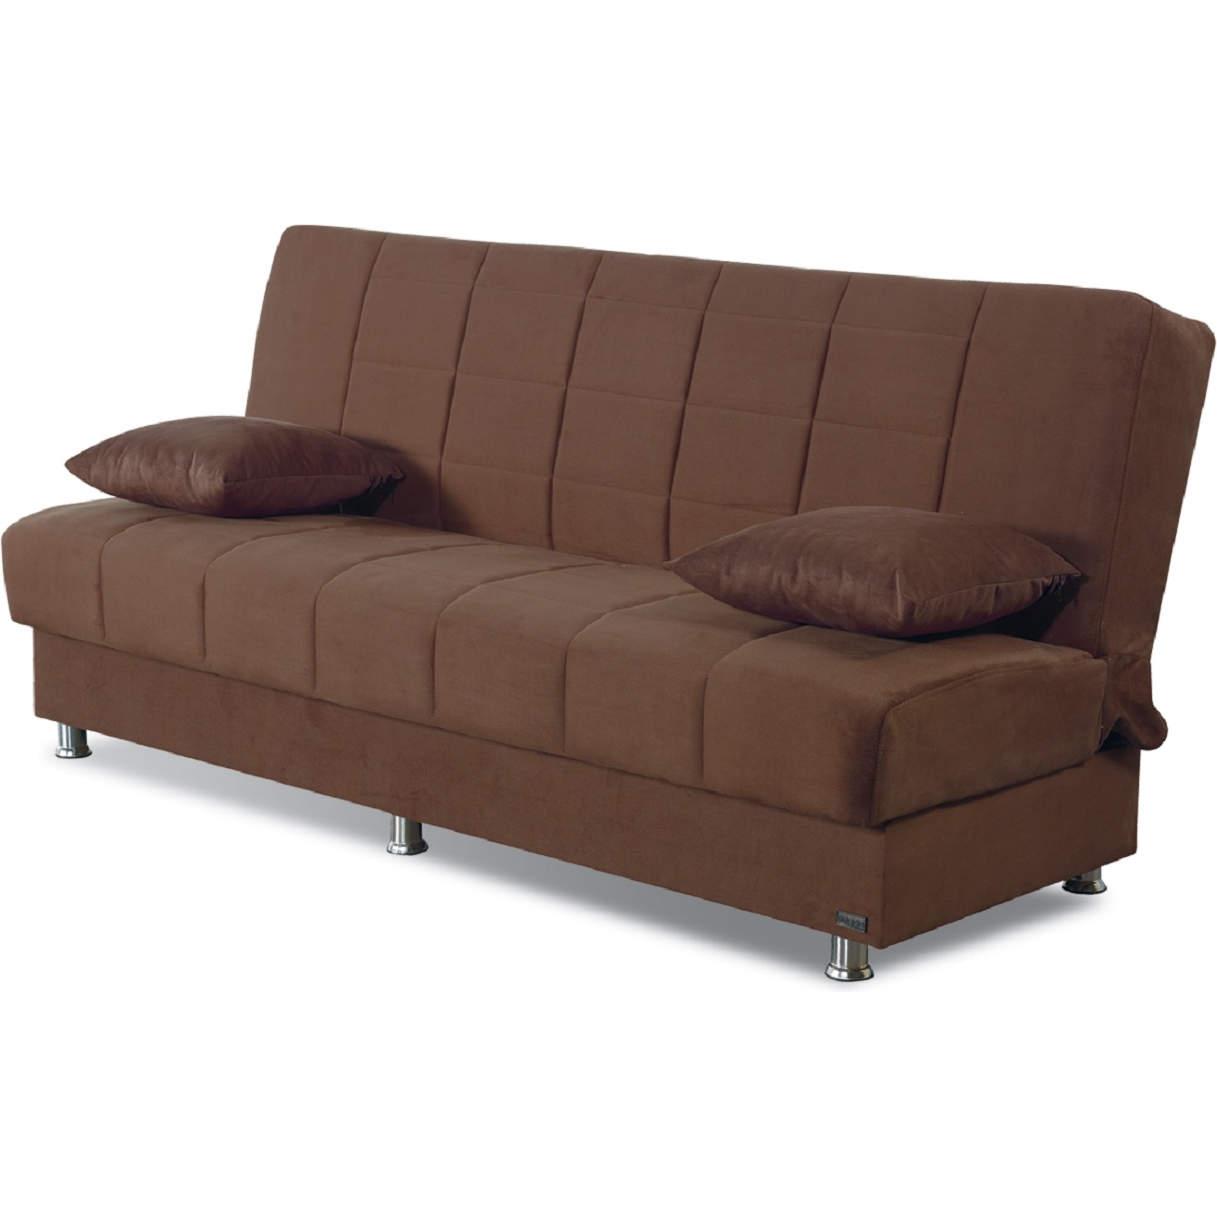 - Empire SB-HAMILTON Hamilton Convertible Sleeper Sofa In Brown